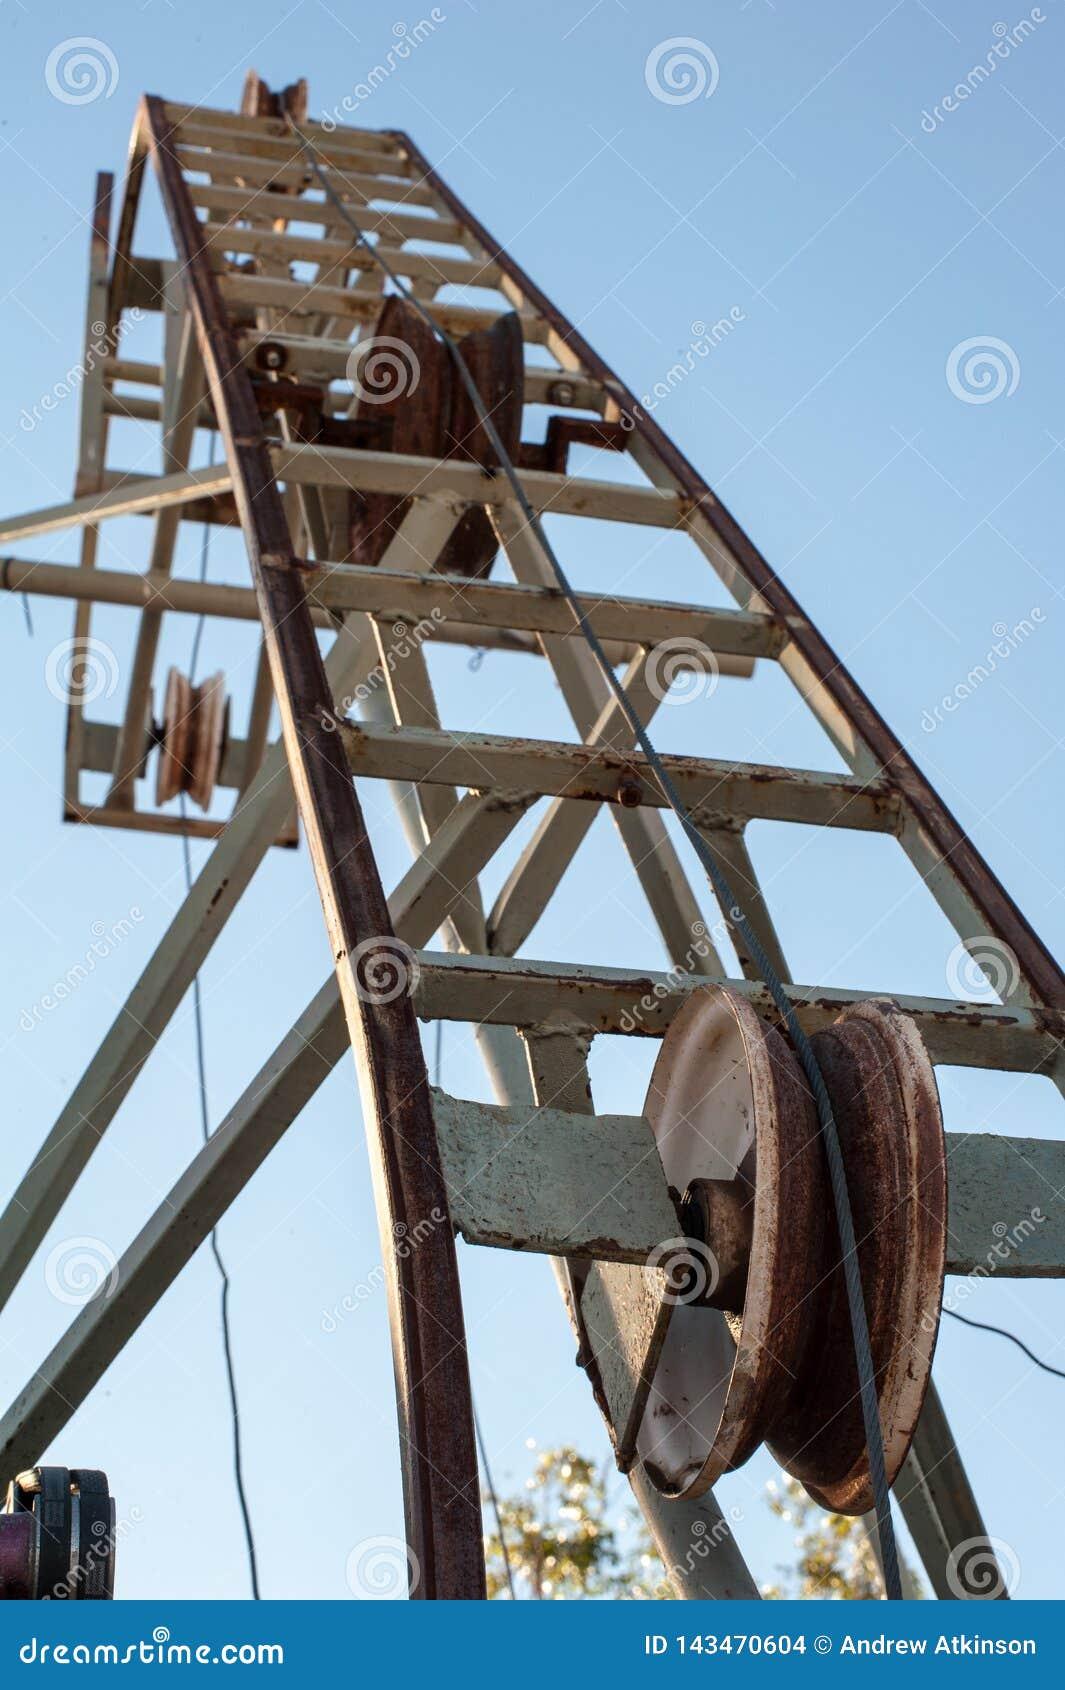 Σκουριασμένη τροχαλία για ένα ορυχείο